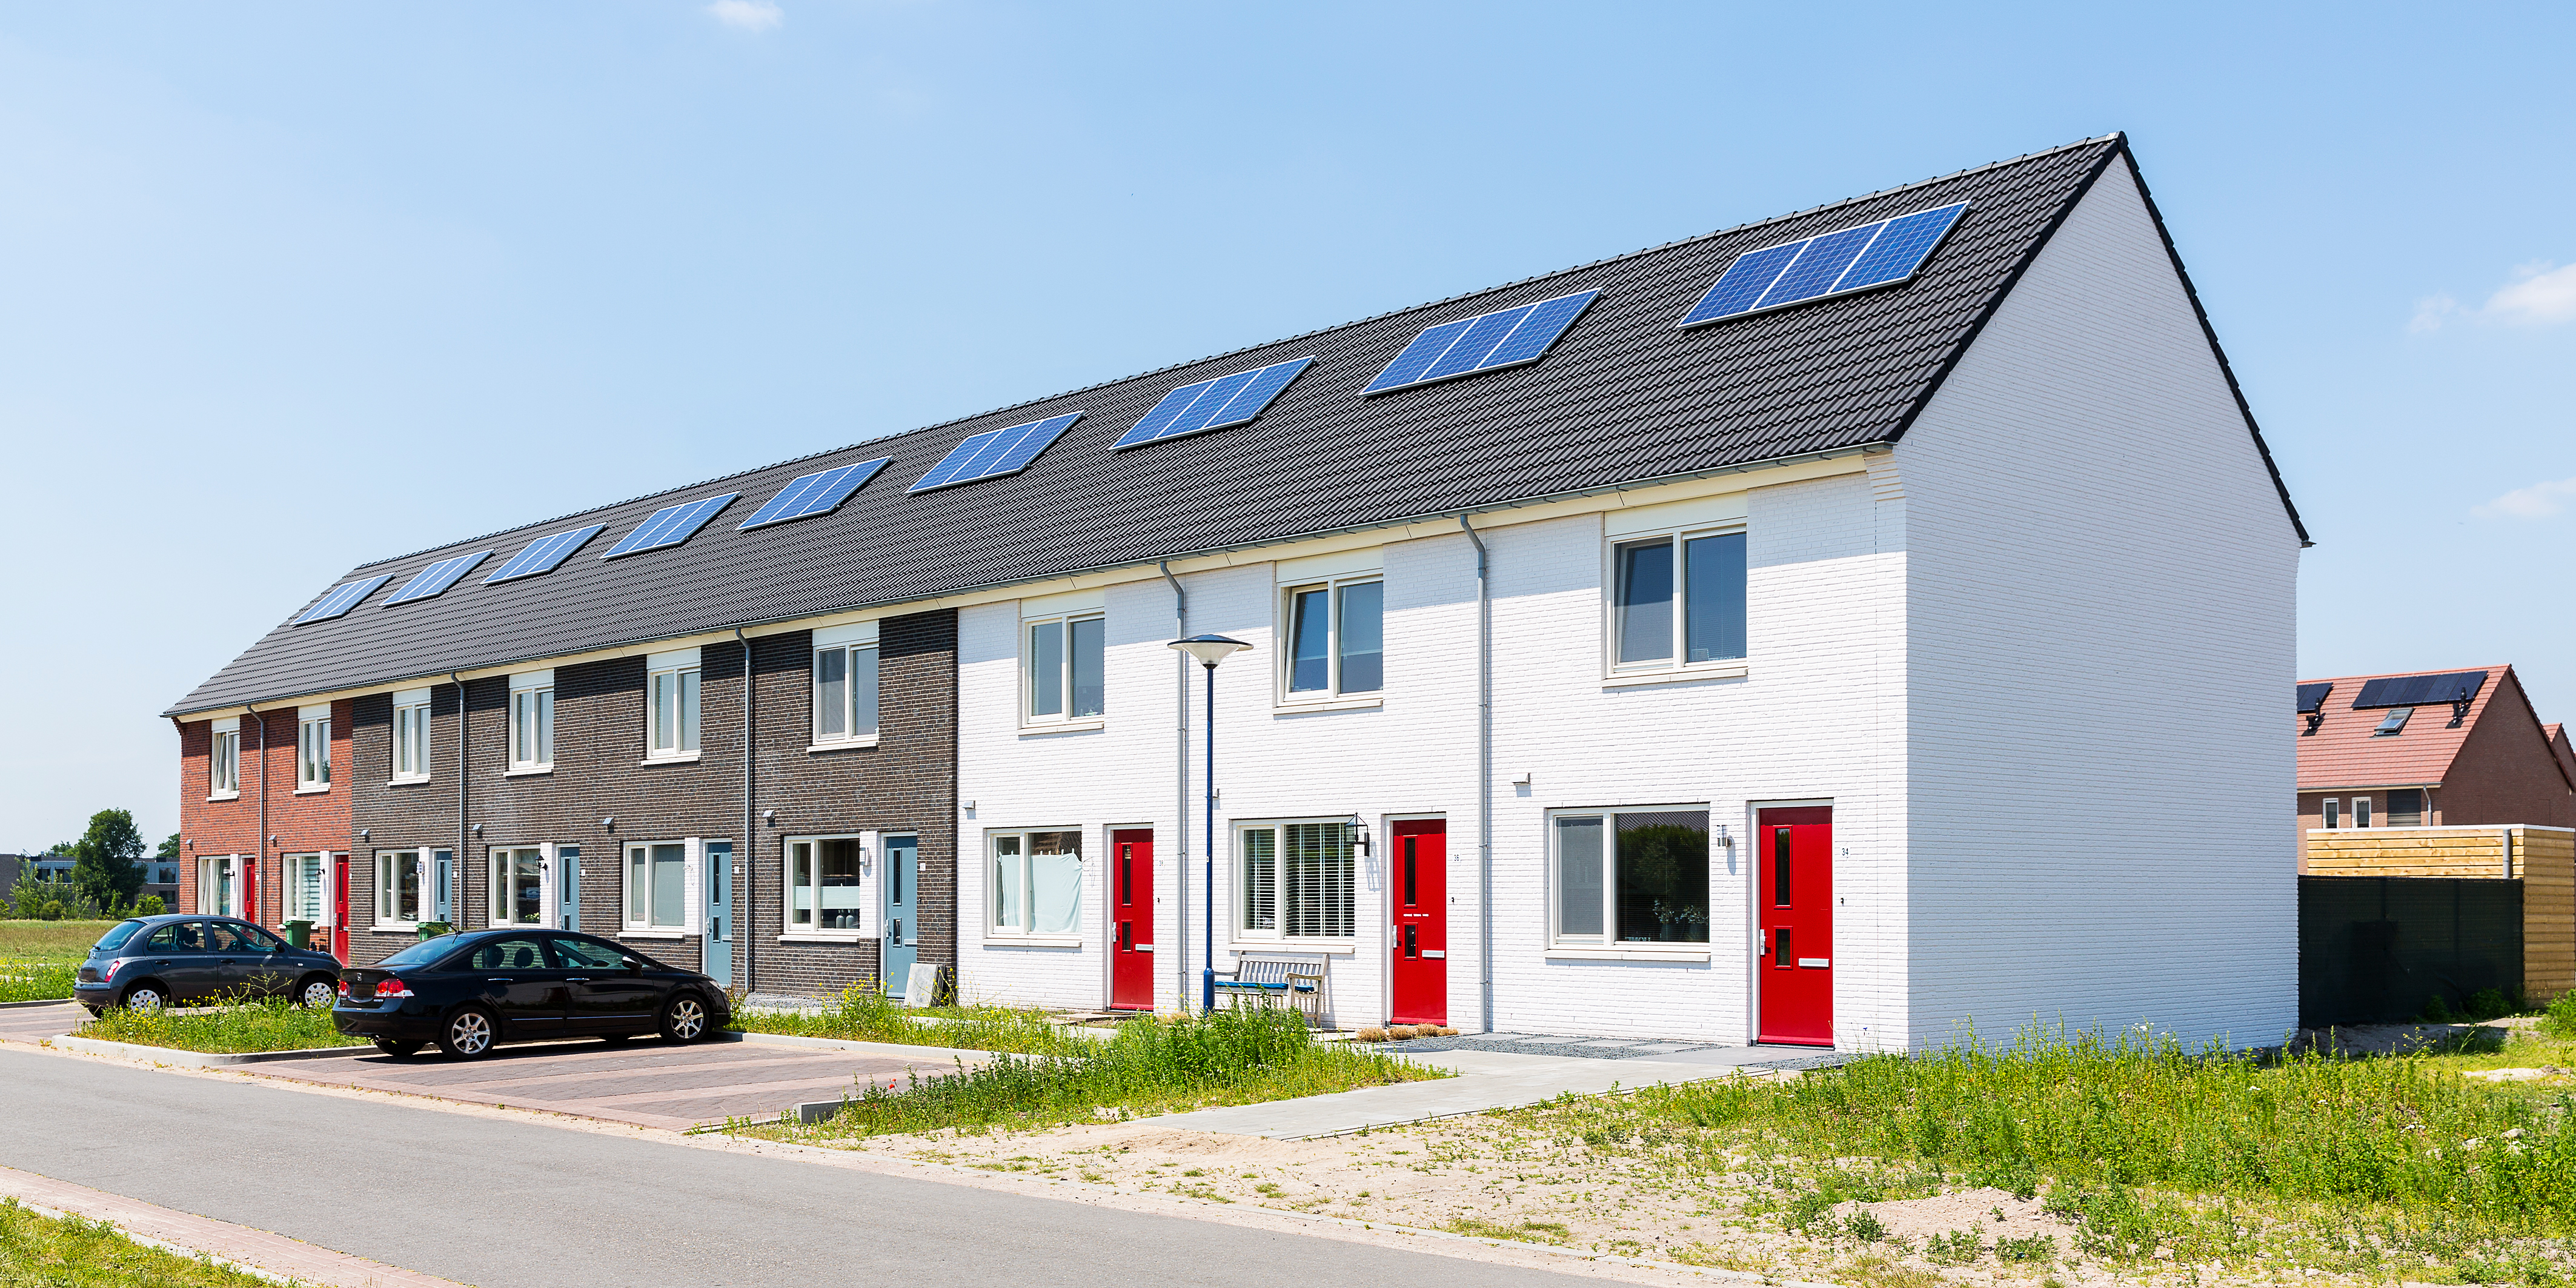 9 huurwoningen vrije sector Boekel